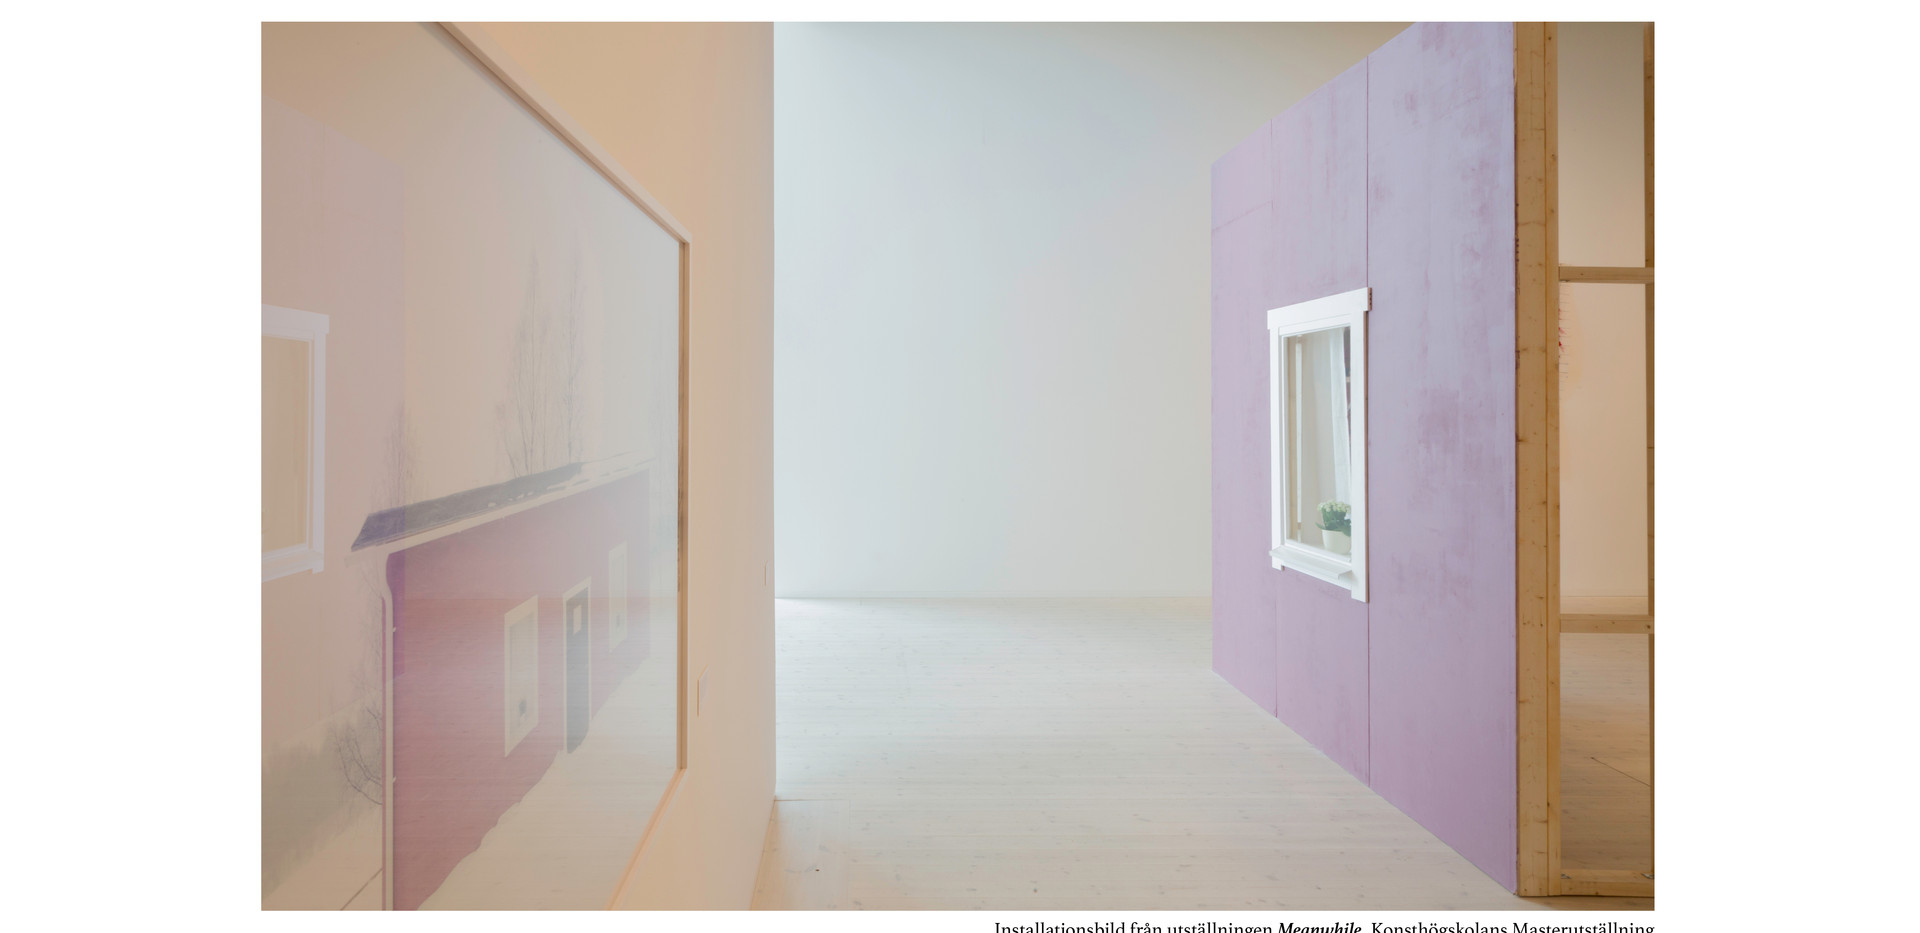 På Bildmuseets Examensutställning vid Masterprogrammet på Konsthögskolan så presenterar Peter Stridsberg en installation och ett fotografiskt verk.   Peter Stridsberg intresserar sig för de utrymmen som människan omges av i vardagen. Hans skulpturala och arkitektoniska scenografier visar delar av hem och rum i naturlig skala. De ställer frågor om och undersöker hur miljöerna som omger oss påverkar och berättar om hur vi lever.  Med fokus på hemmet och utgångspunkt från sin egen relation till rumsliga miljöer har Peter Stridsberg länge arbetat med att iscensätta en slags fotografiska berättelser. Den han visar i utställningen handlar om behovet att kontrollera sin tillvaro, vara förankrad vid och sammanlänkad med hemmets trygghet.   Installationen Fönstret vid sidan av gatan där mina fötter dagligen vandrar är en skulptural installation som visar en del av ett hus. Stridsberg har arbetat med olika tekniker och använt färgpigment, gips, trä plåt och textil för att skapa en illusion av sitt eget hem. Som betraktare får du se in i hans vardag och det rum där han skapar sina iscensättningar.